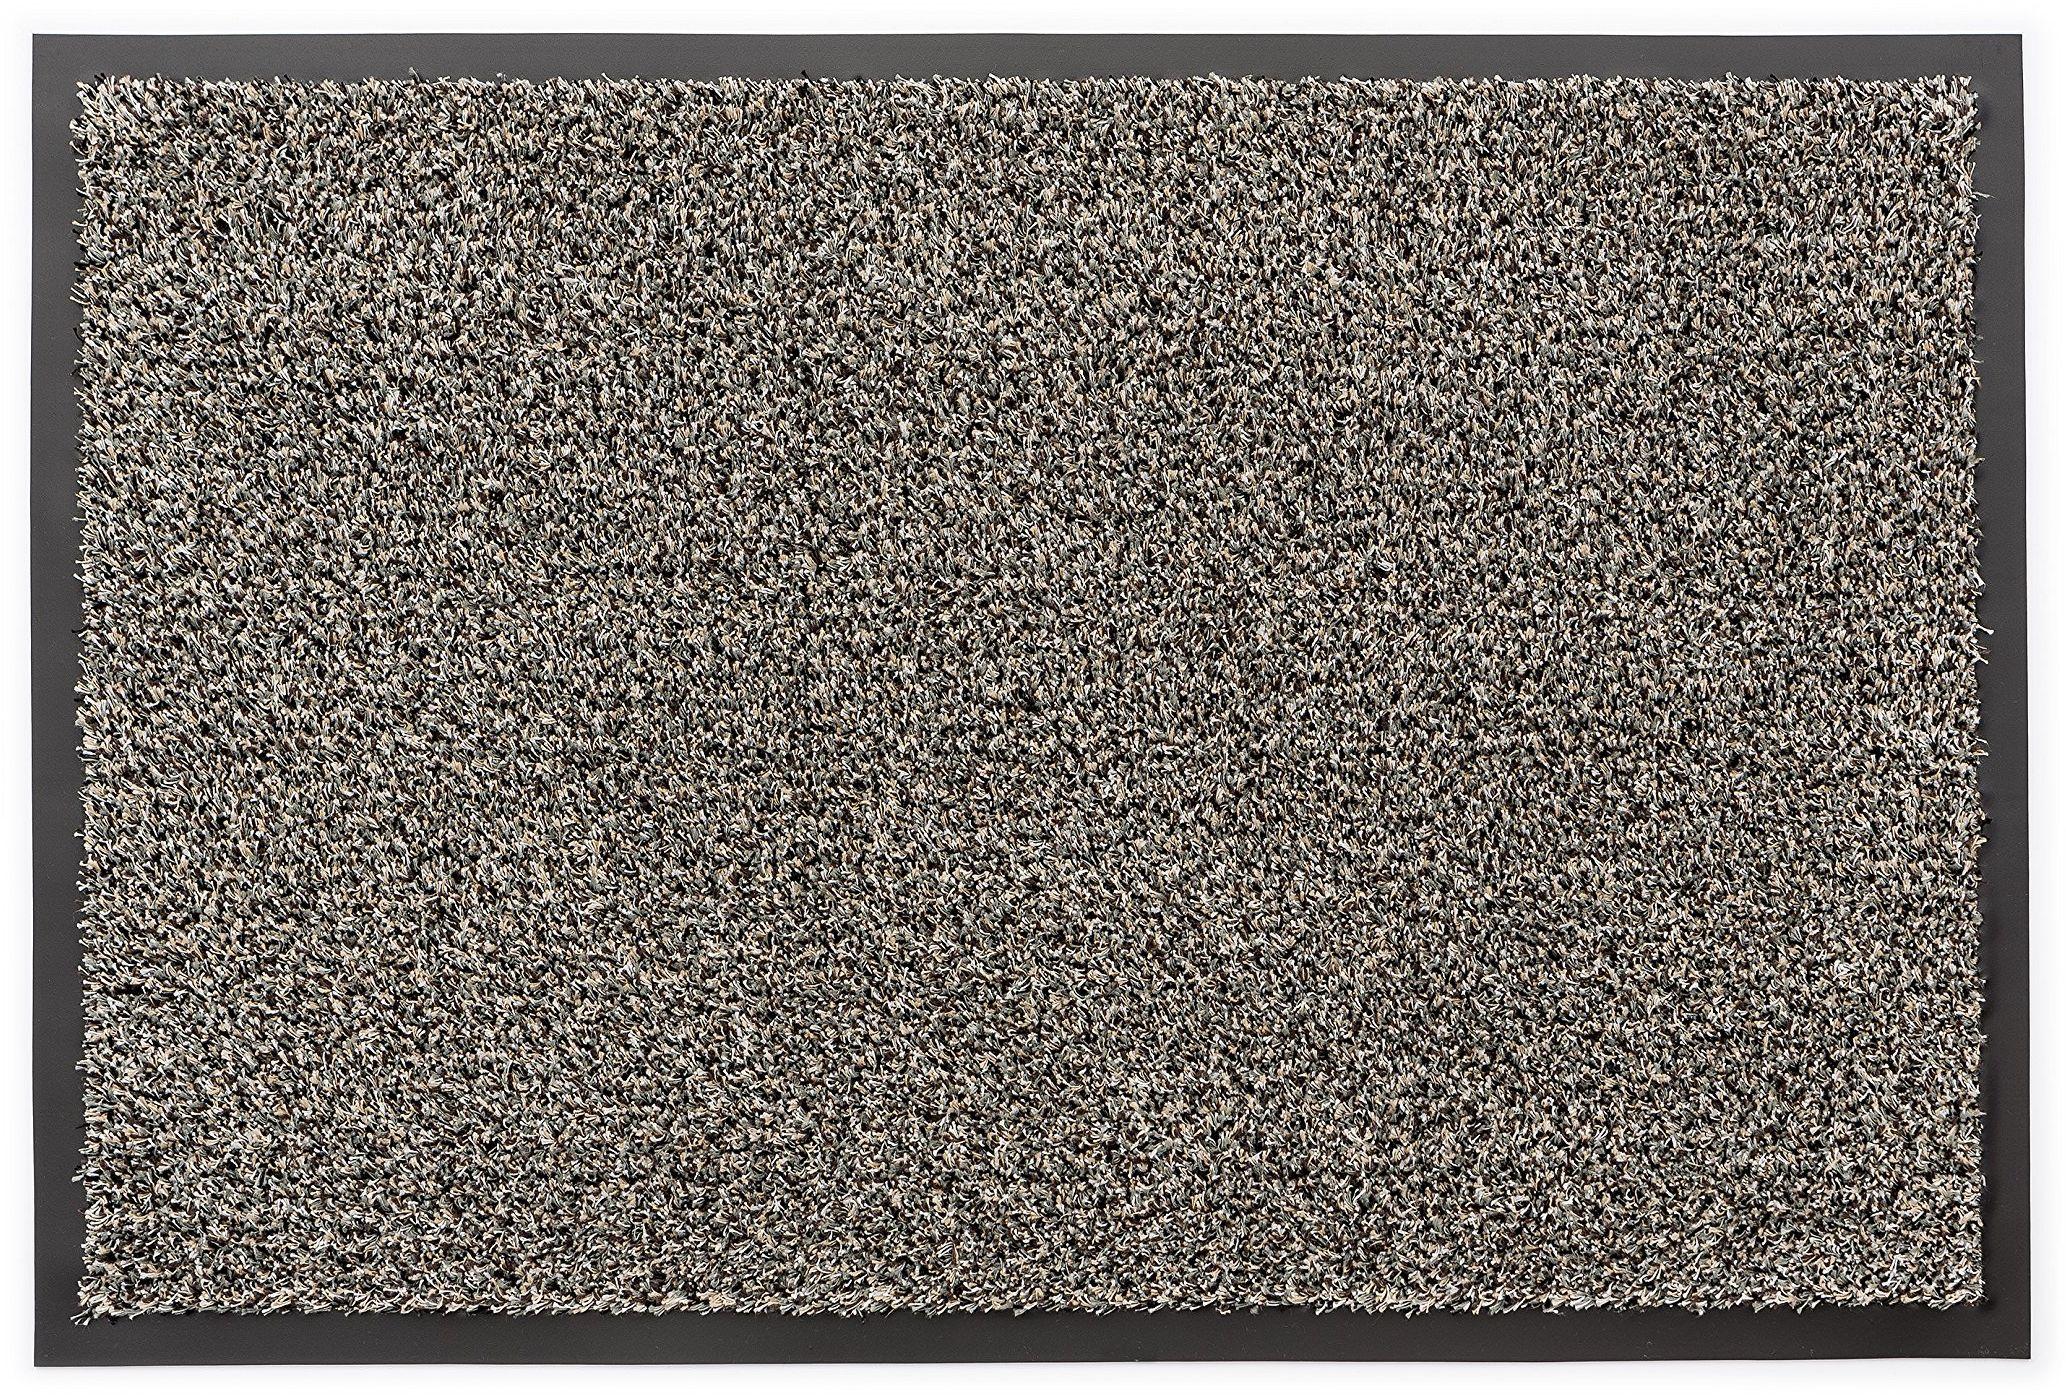 Angelina wycieraczka / dywanik do drzwi / mata do wycierania, 60 x 80 cm, ciemnoszara